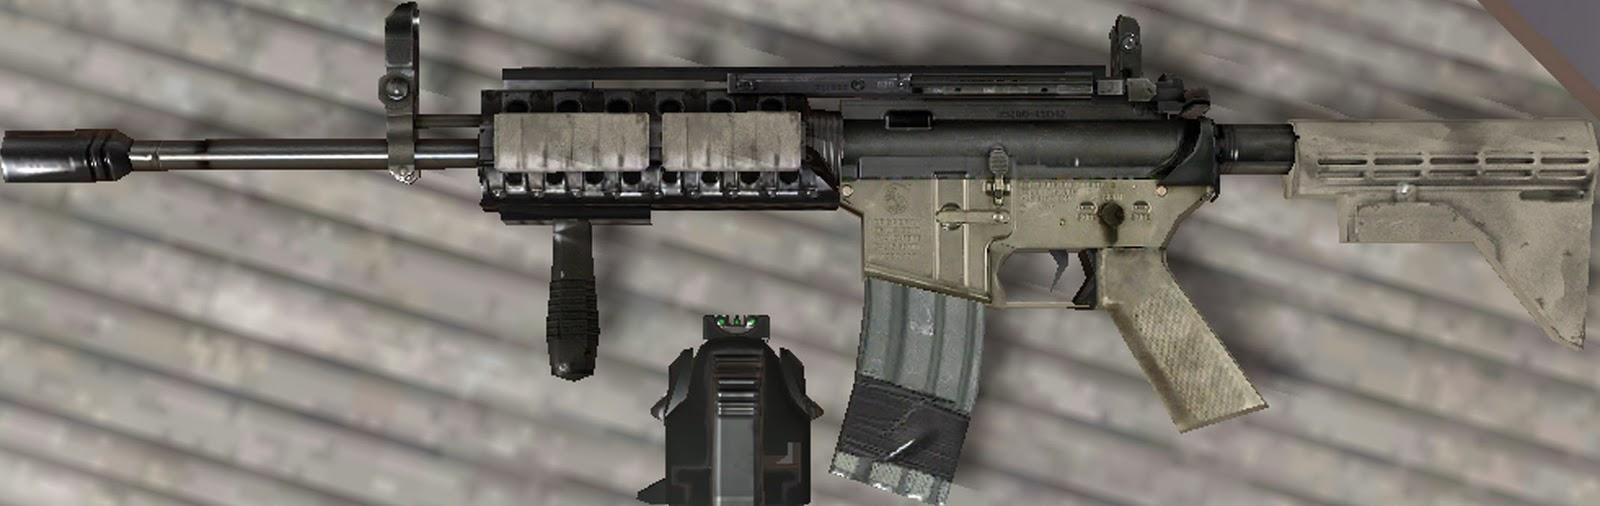 Call of duty modern warfare 2 gun - Cardboard Armory